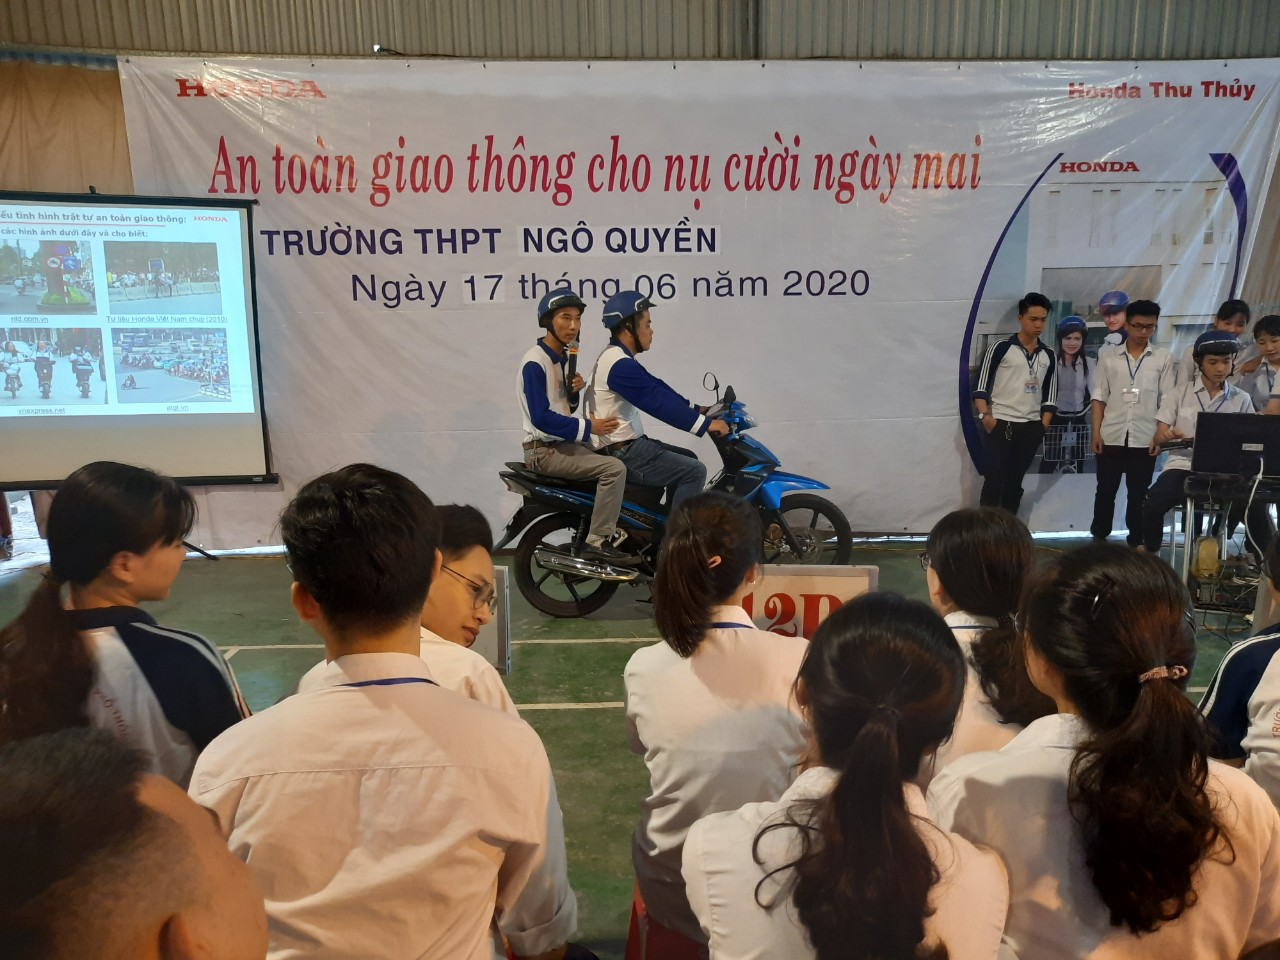 18003-huong-dan-ngoi-tren-xe-may-an-toan.jpg